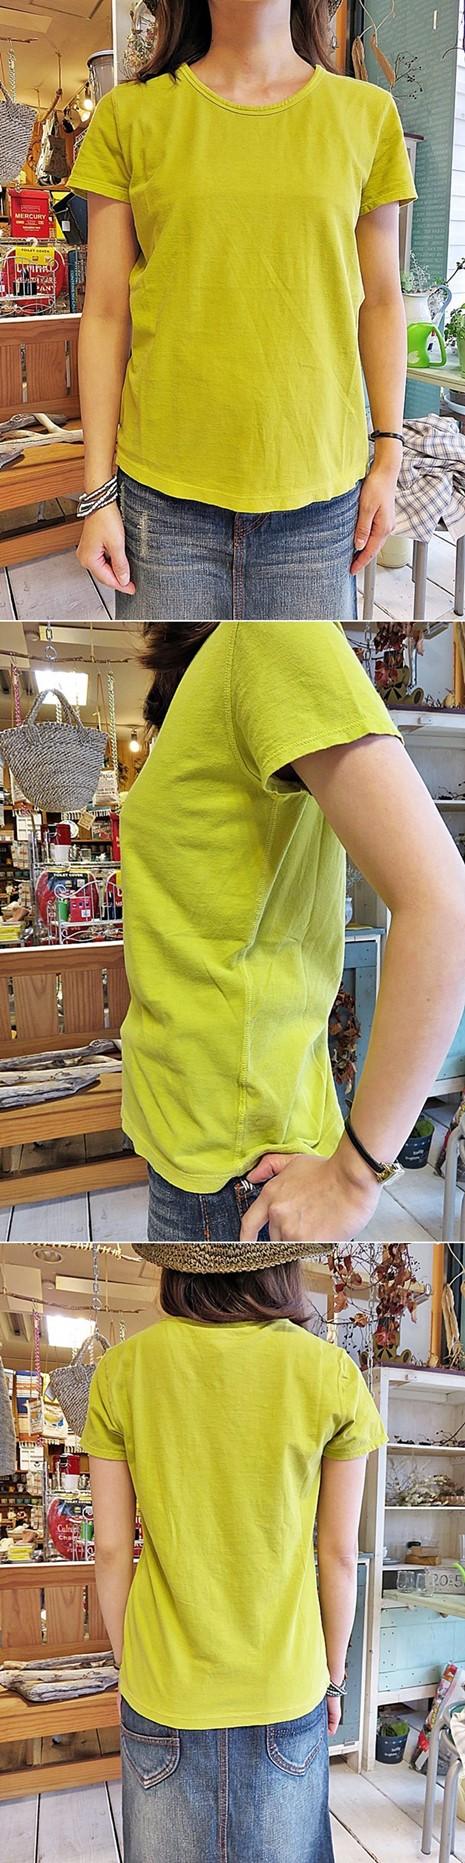 2015-07-20 ビンテージ加工Tシャツ 3-vert